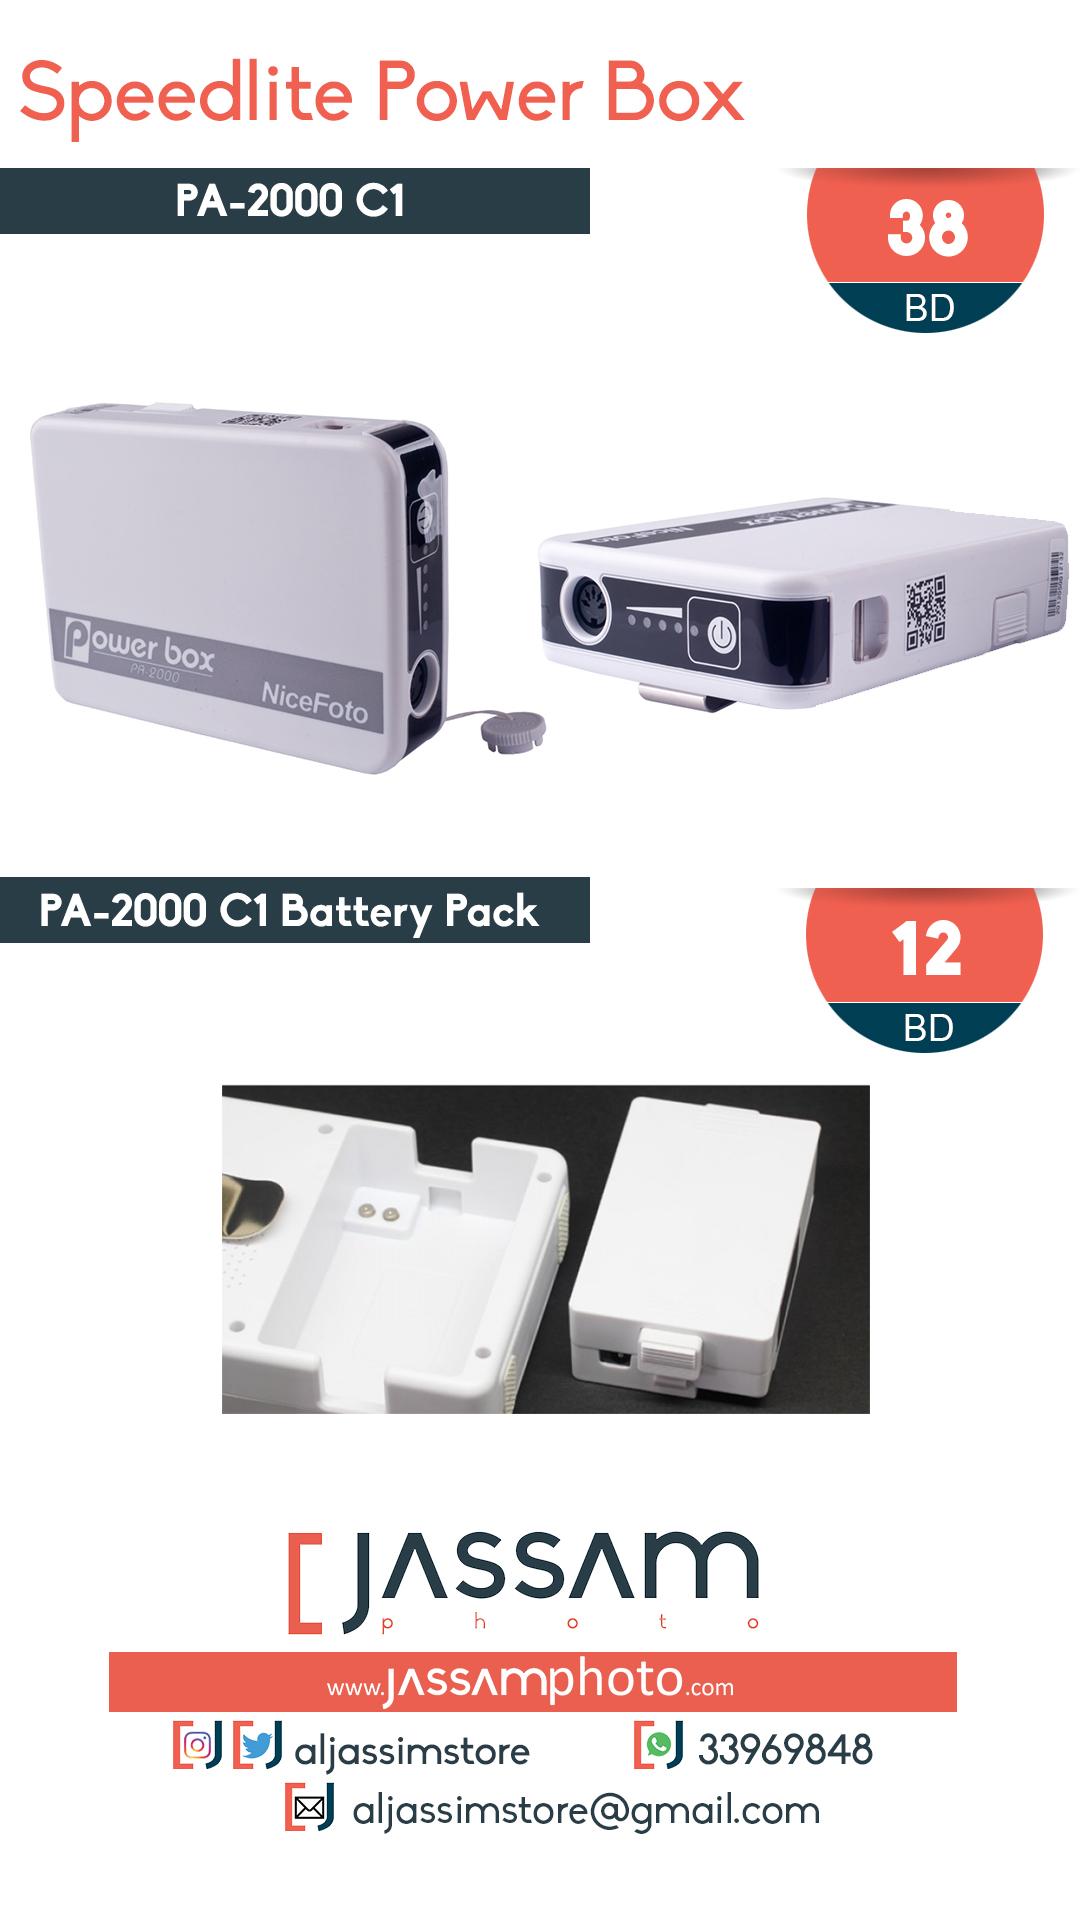 Speedlite Power Box Battery